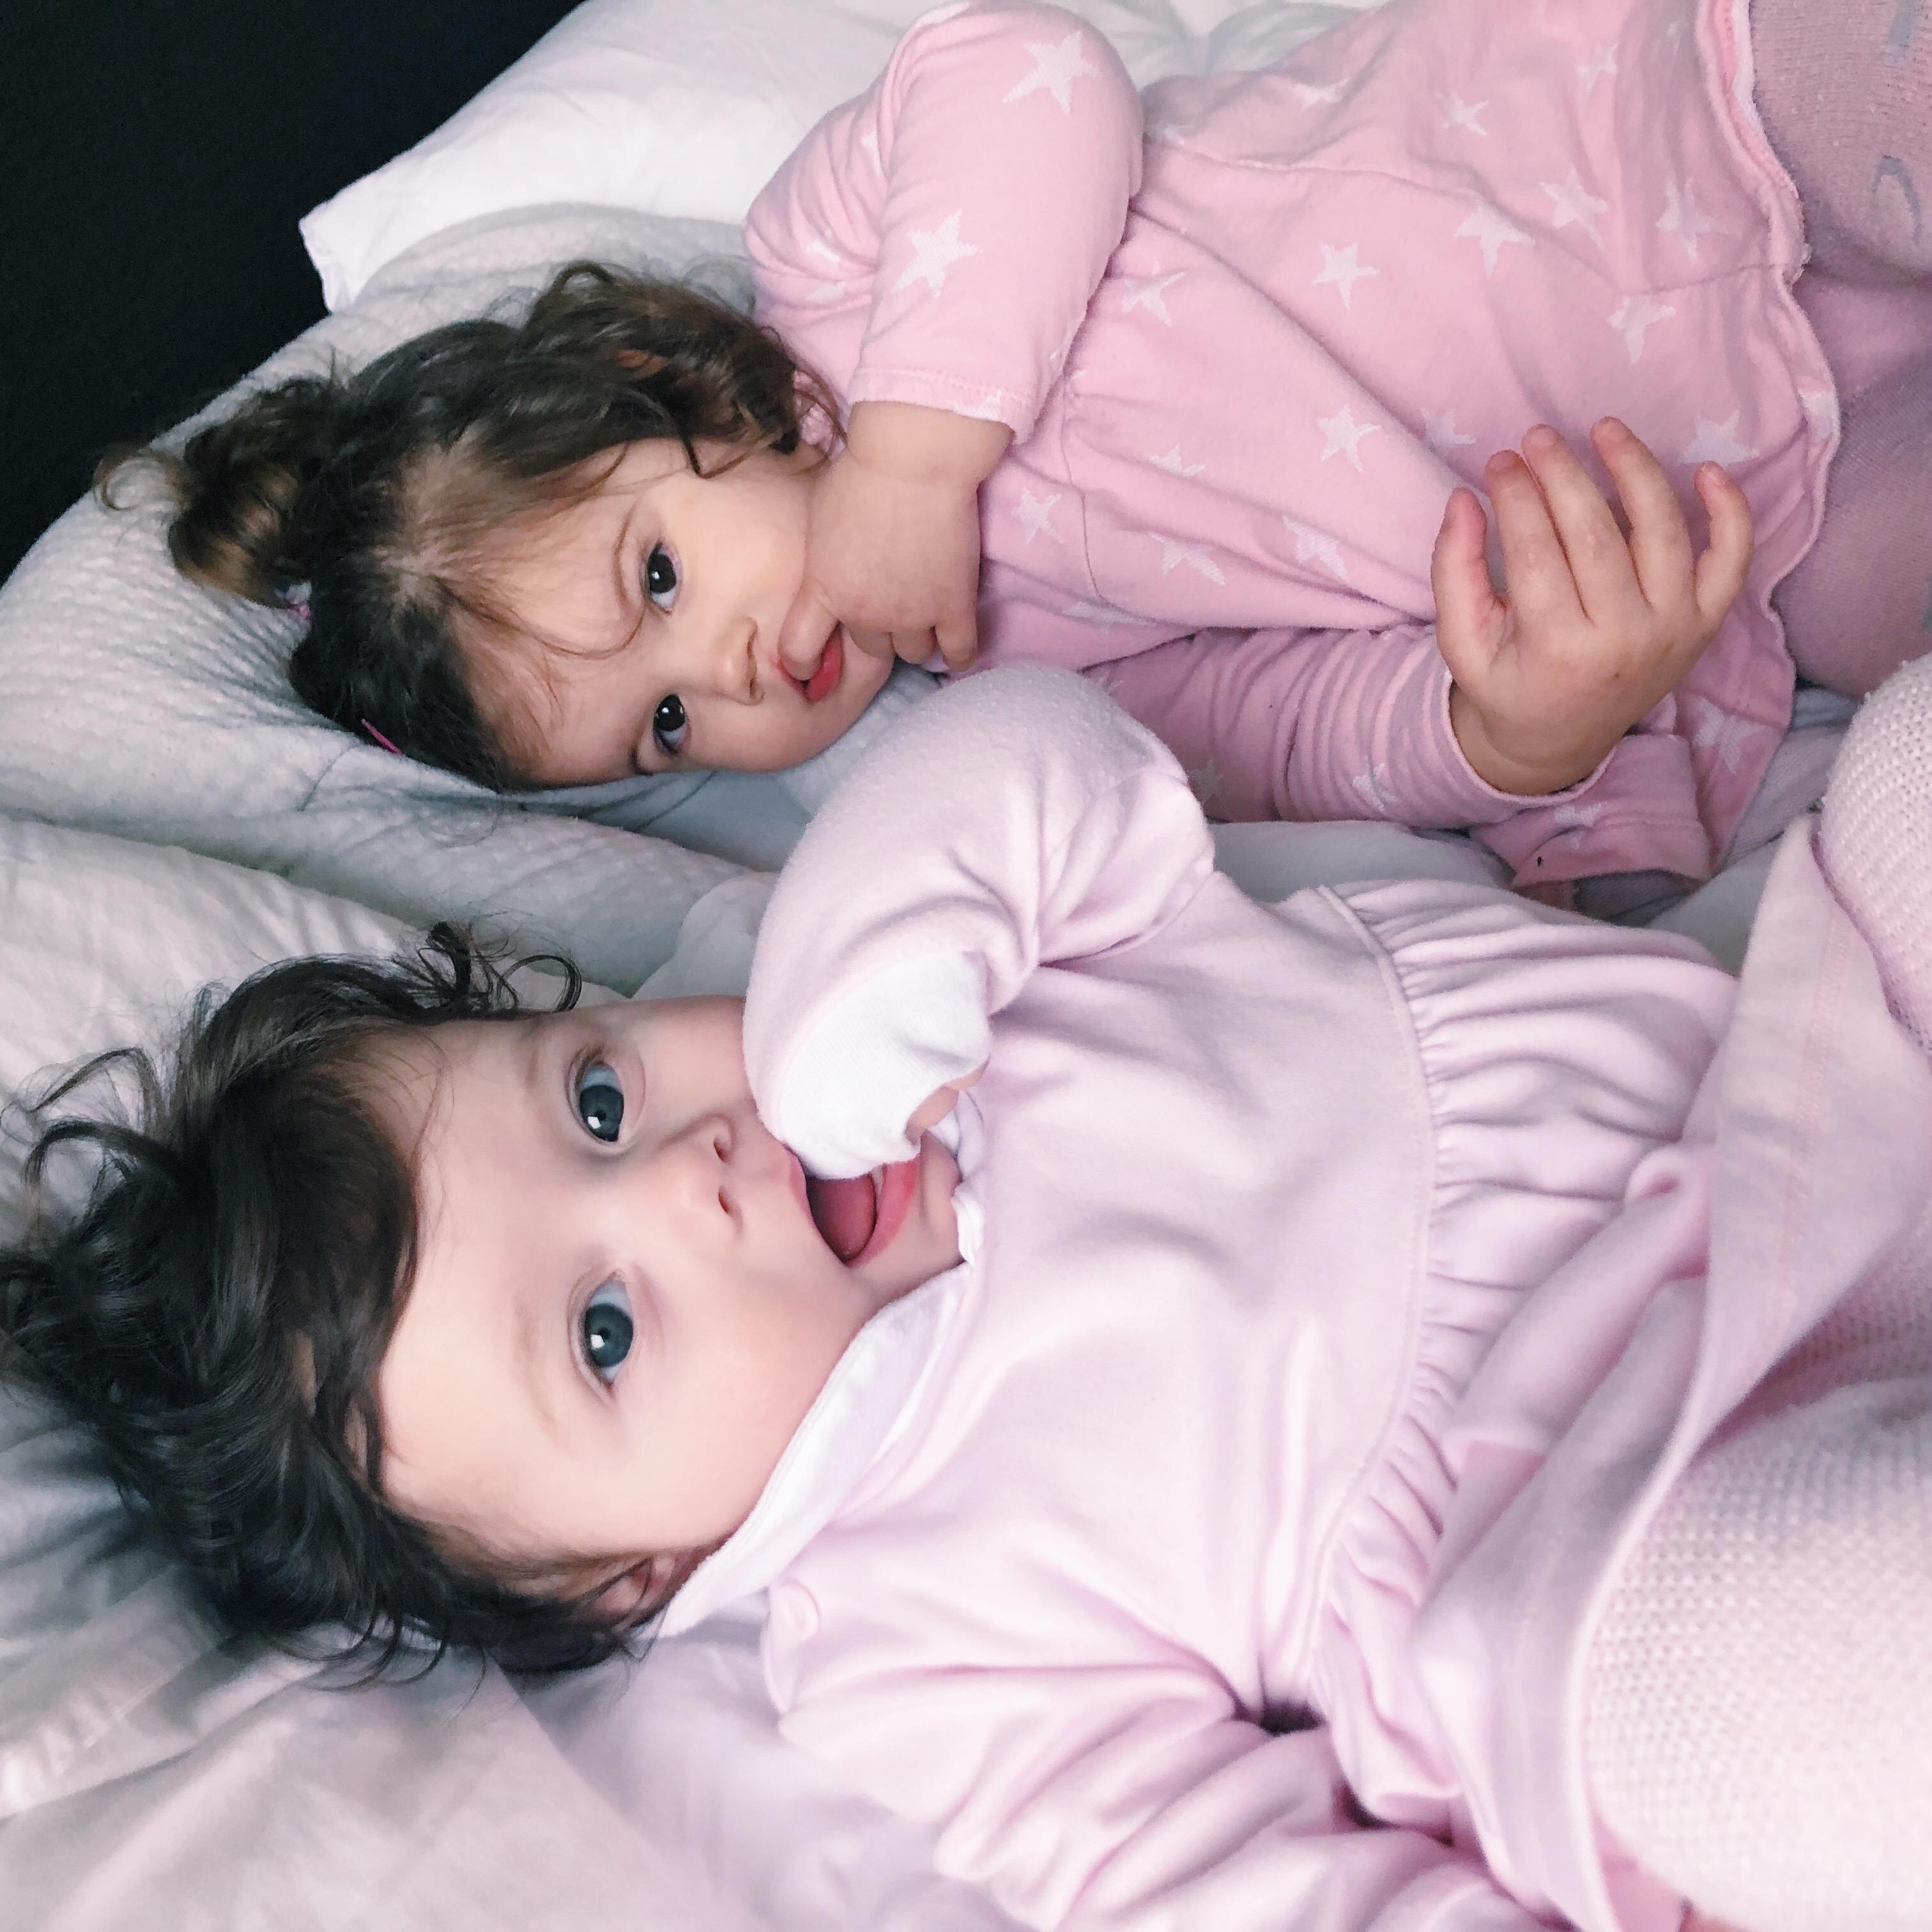 HET SLAAPRITME VAN MIJN BABY (8 MAANDEN) EN PEUTER (2 JAAR)